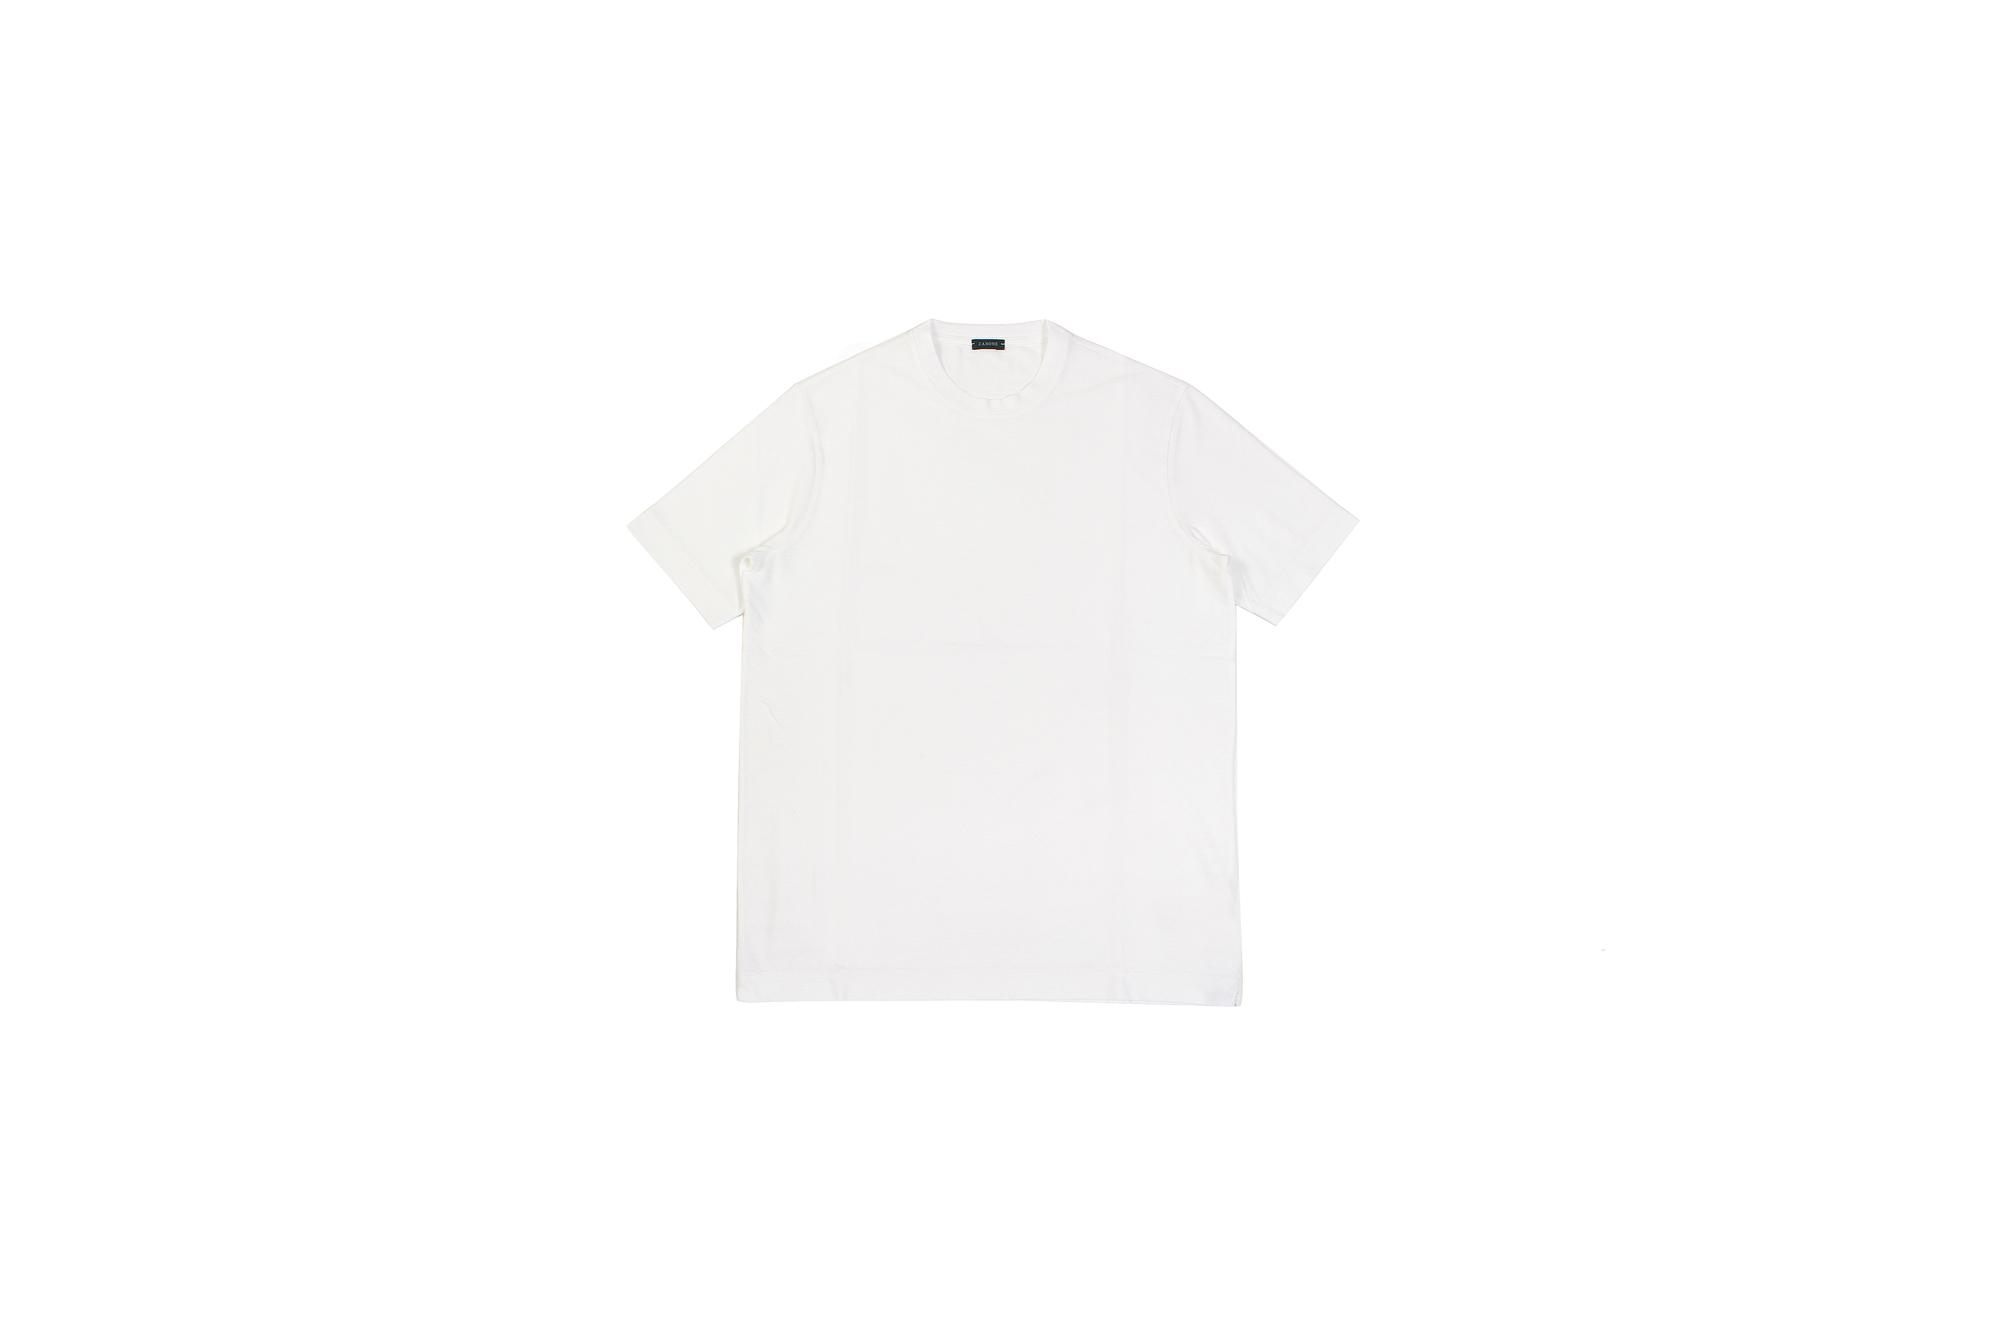 ZANONE(ザノーネ) Crew Neck T-shirt (クルーネックTシャツ) ice cotton アイスコットン Tシャツ MADE IN ITALY(イタリア製) 2020 春夏 【ご予約開始】愛知 名古屋 altoediritto アルトエデリット tee 夏Tシャツ